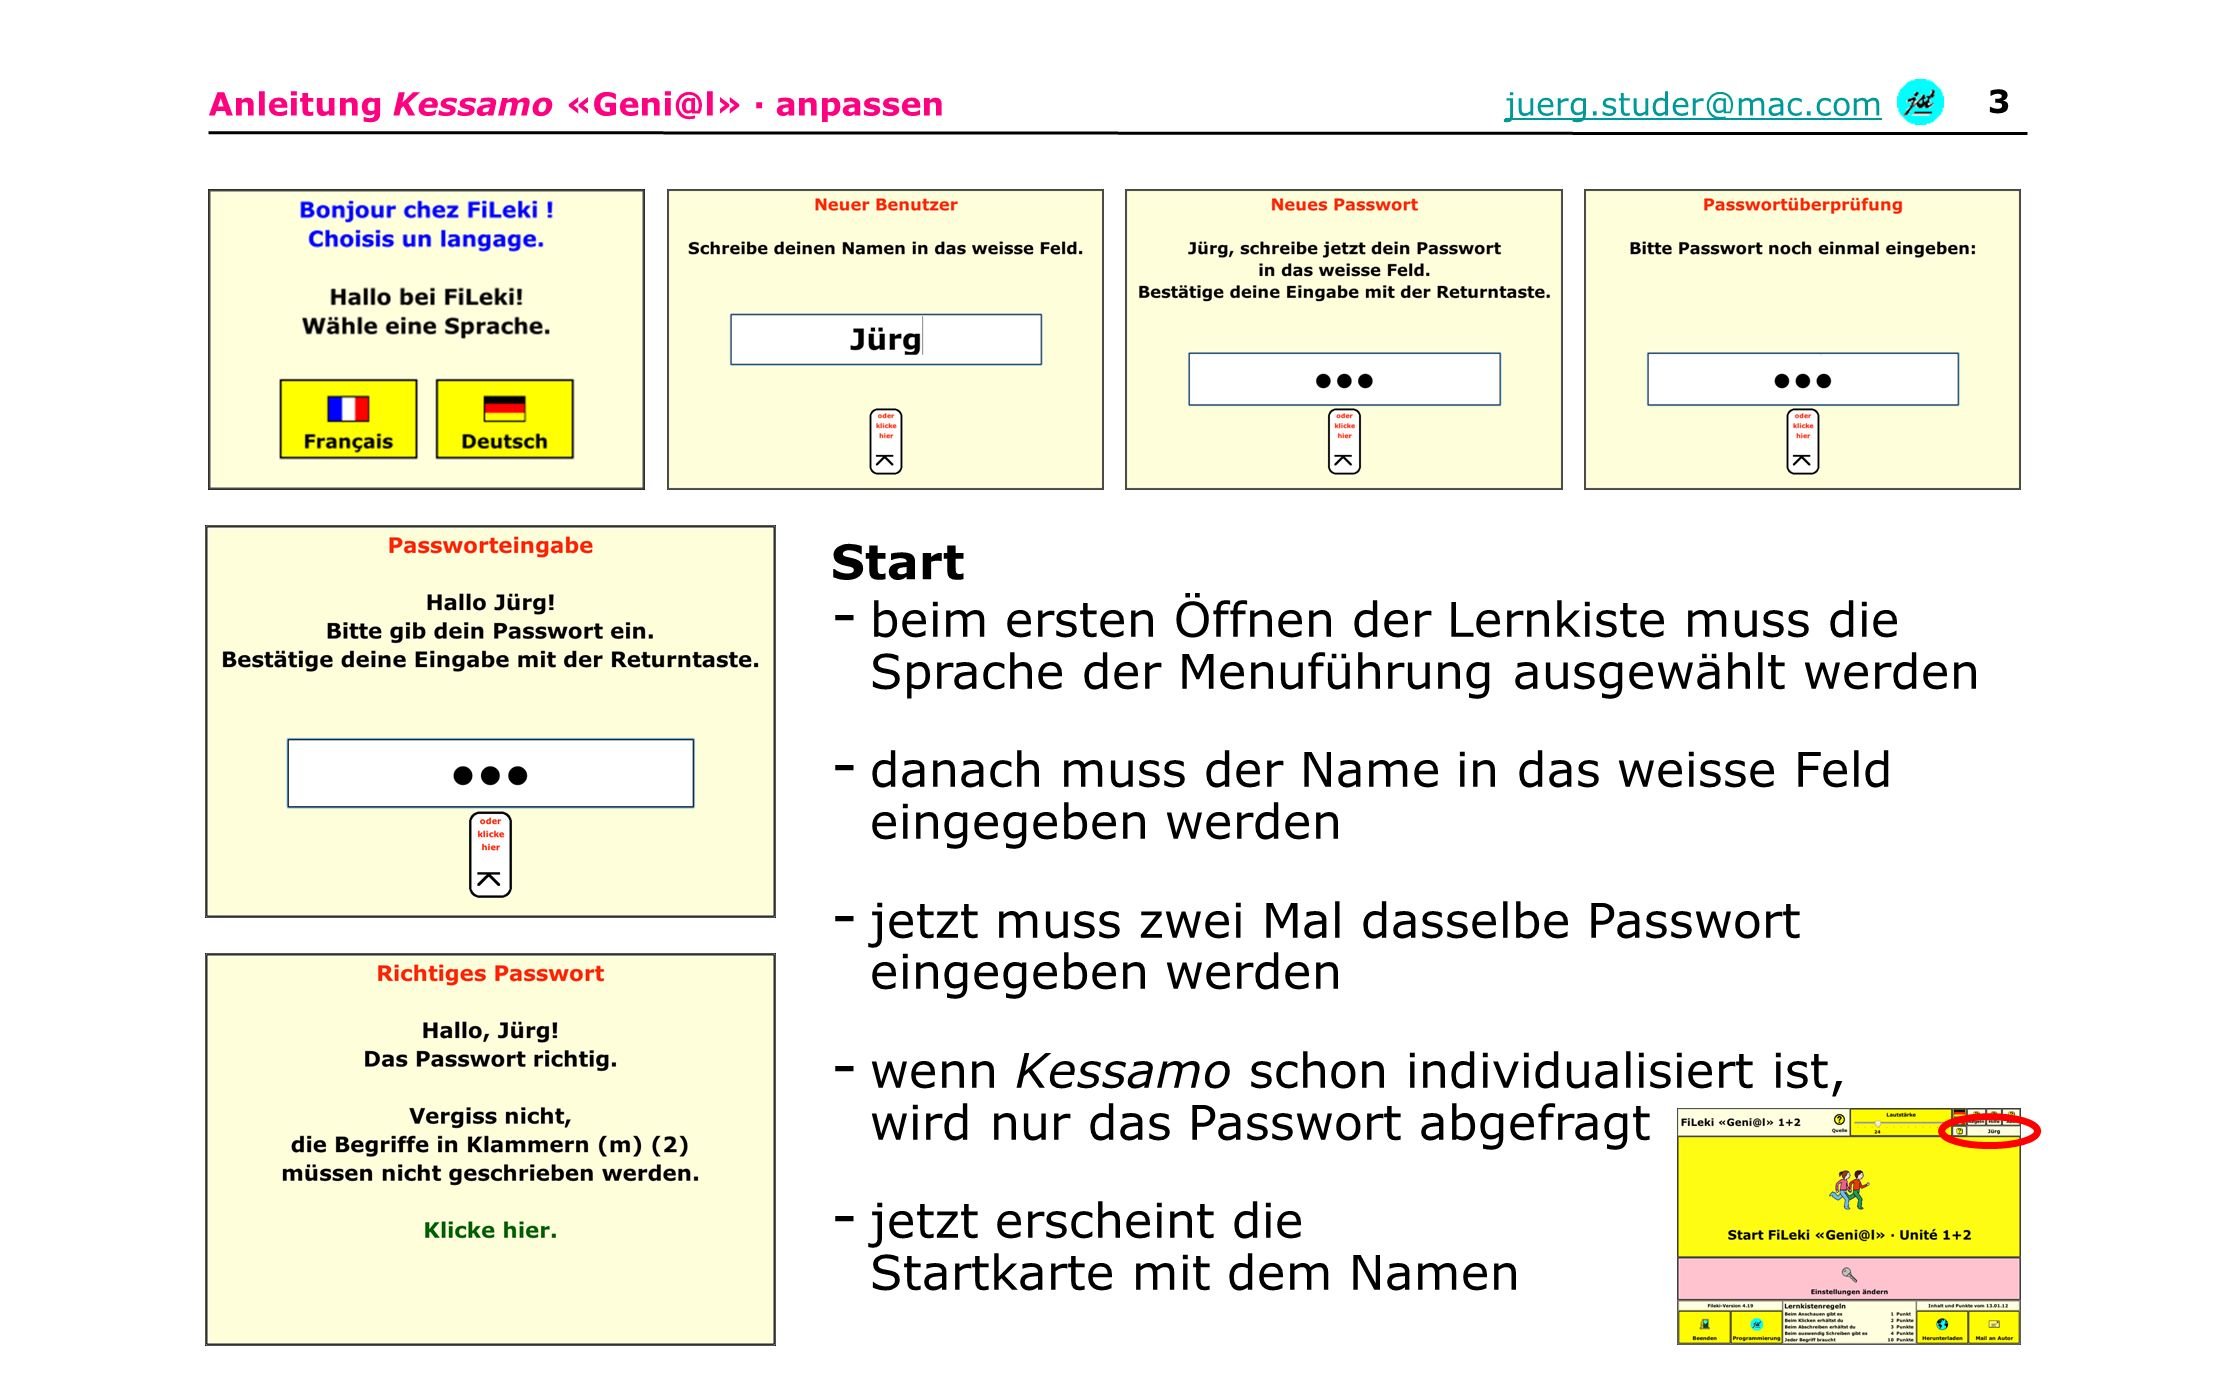 Anleitung Kessamo «Geni@l» · anpassenjuerg.studer@mac.com 3 - beim ersten Öffnen der Lernkiste muss die Sprache der Menuführung ausgewählt werden - da